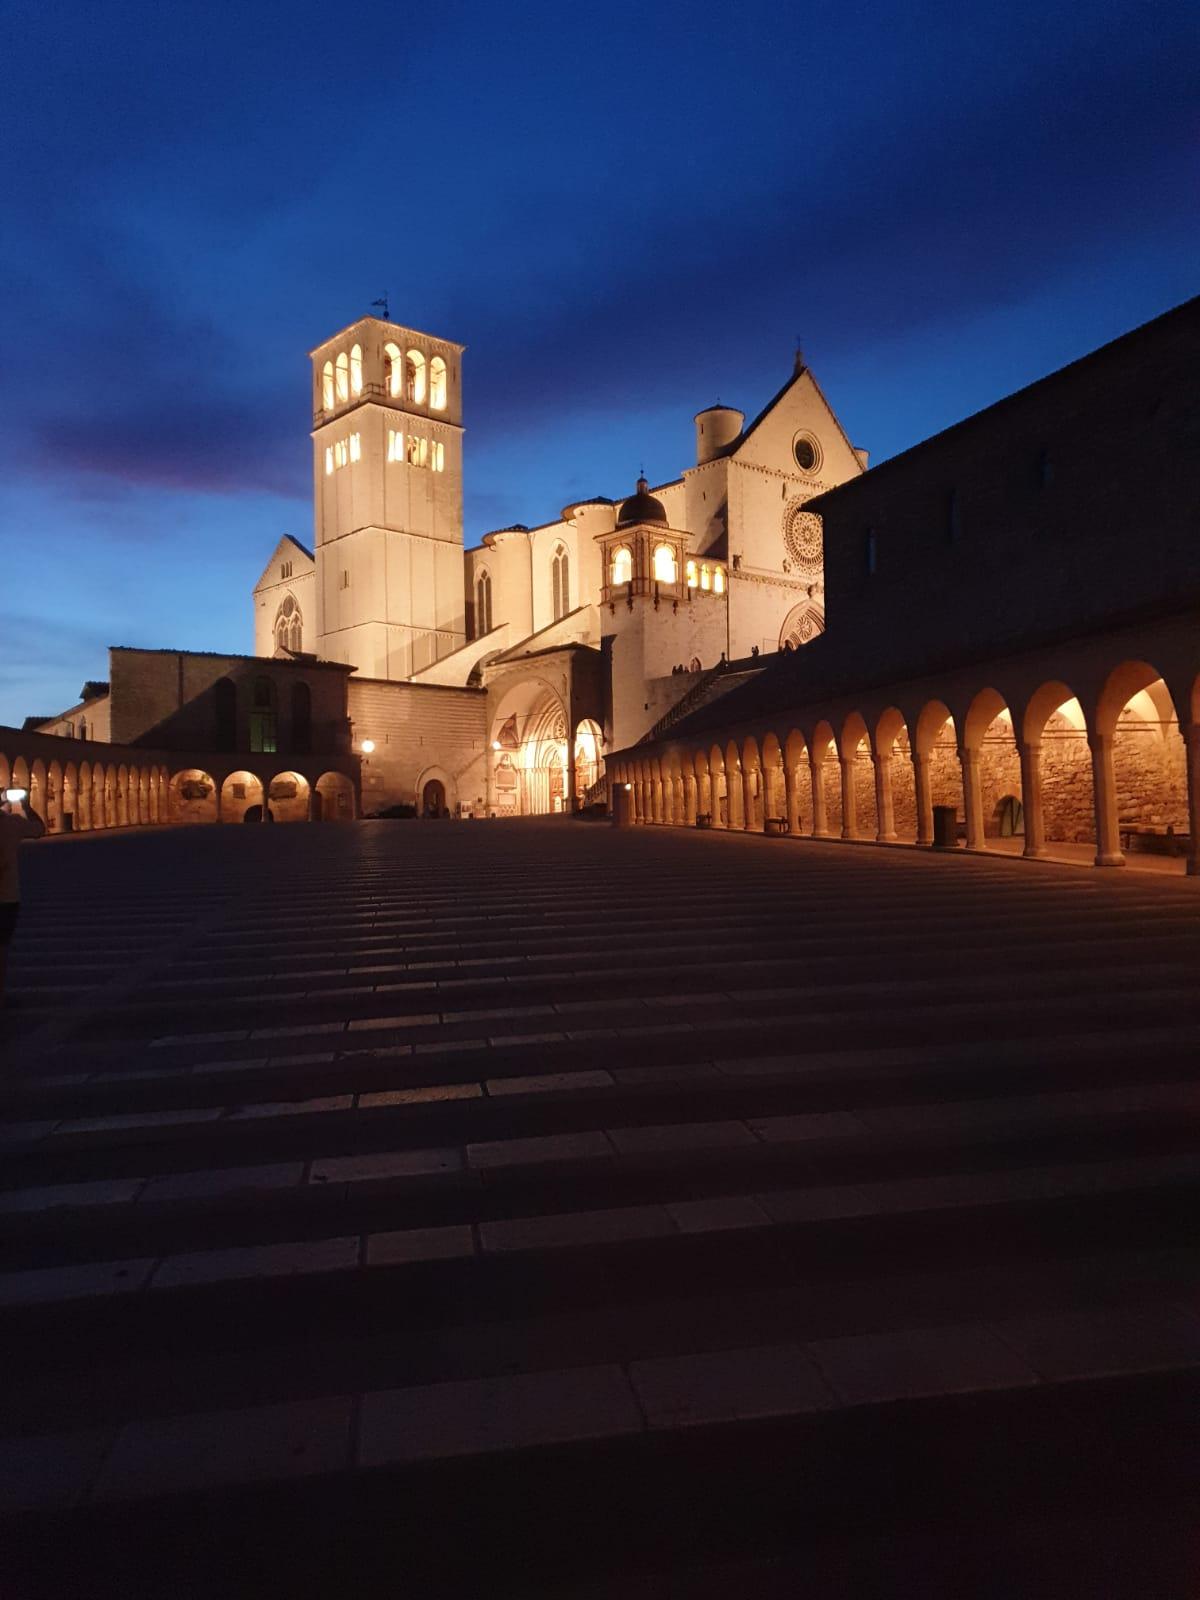 SummerSchool Assisi2019 22July 4